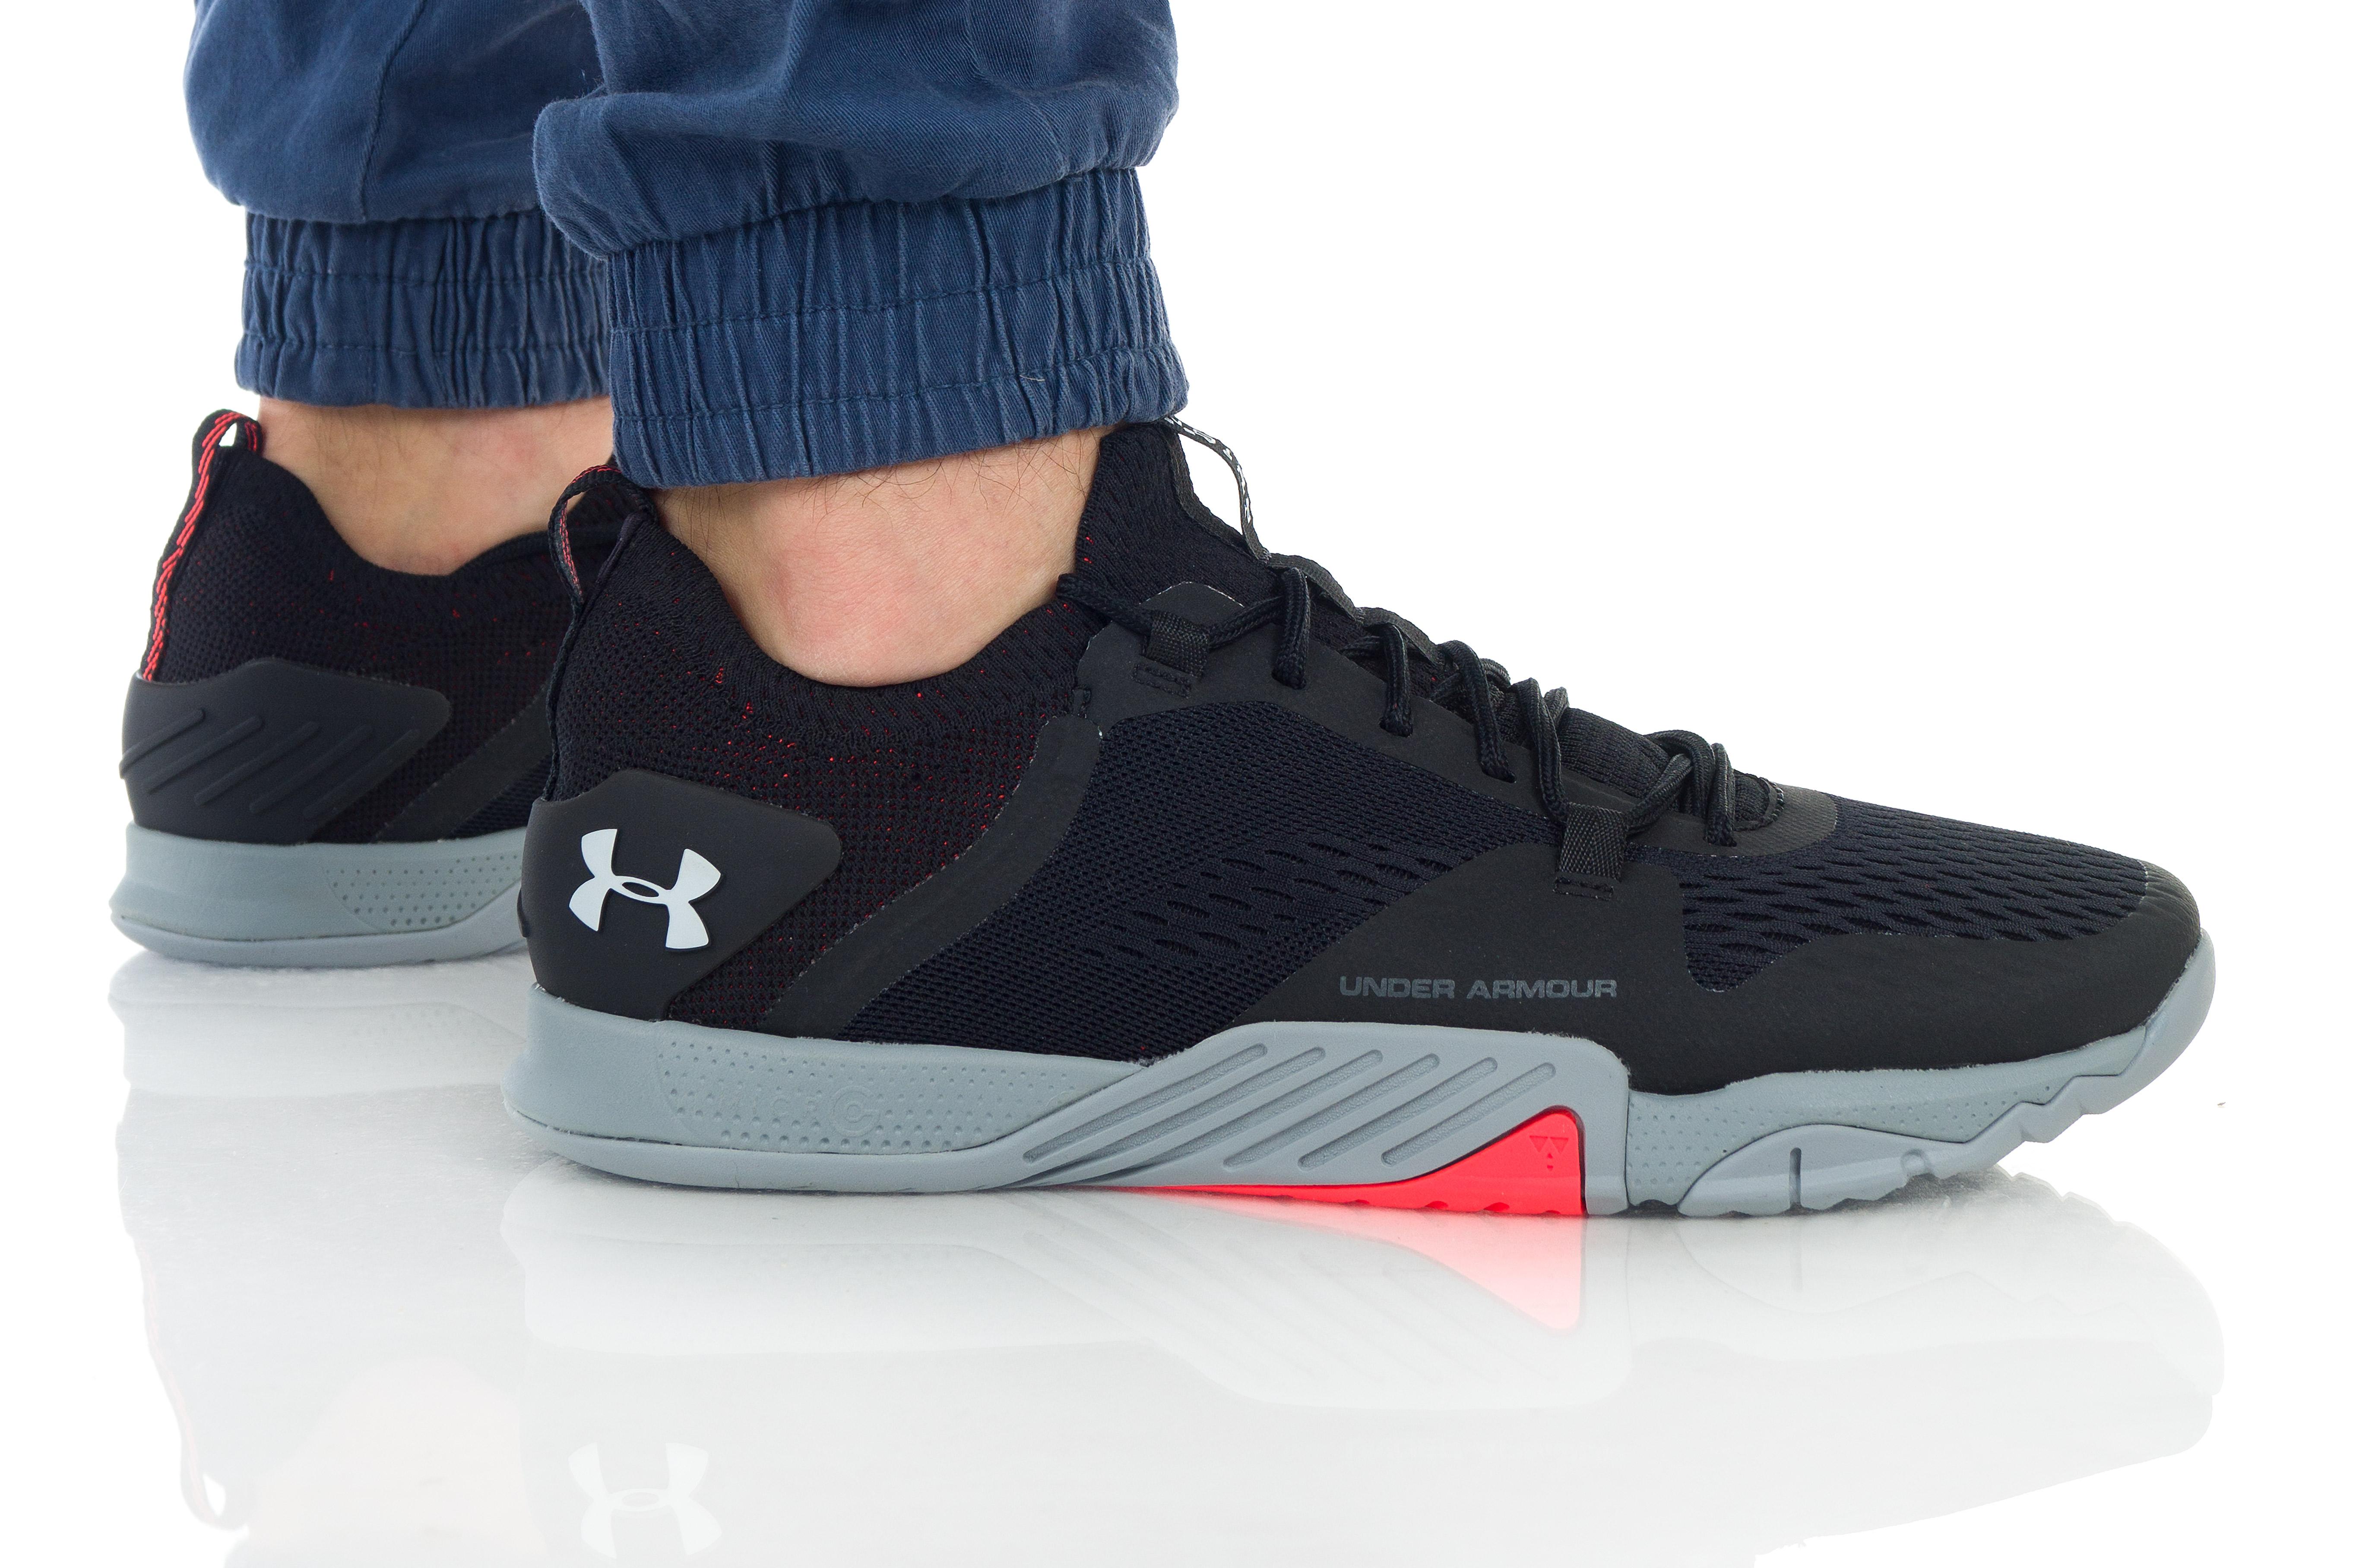 נעלי אימון אנדר ארמור לגברים Under Armour TriBase Reign 2 - שחור